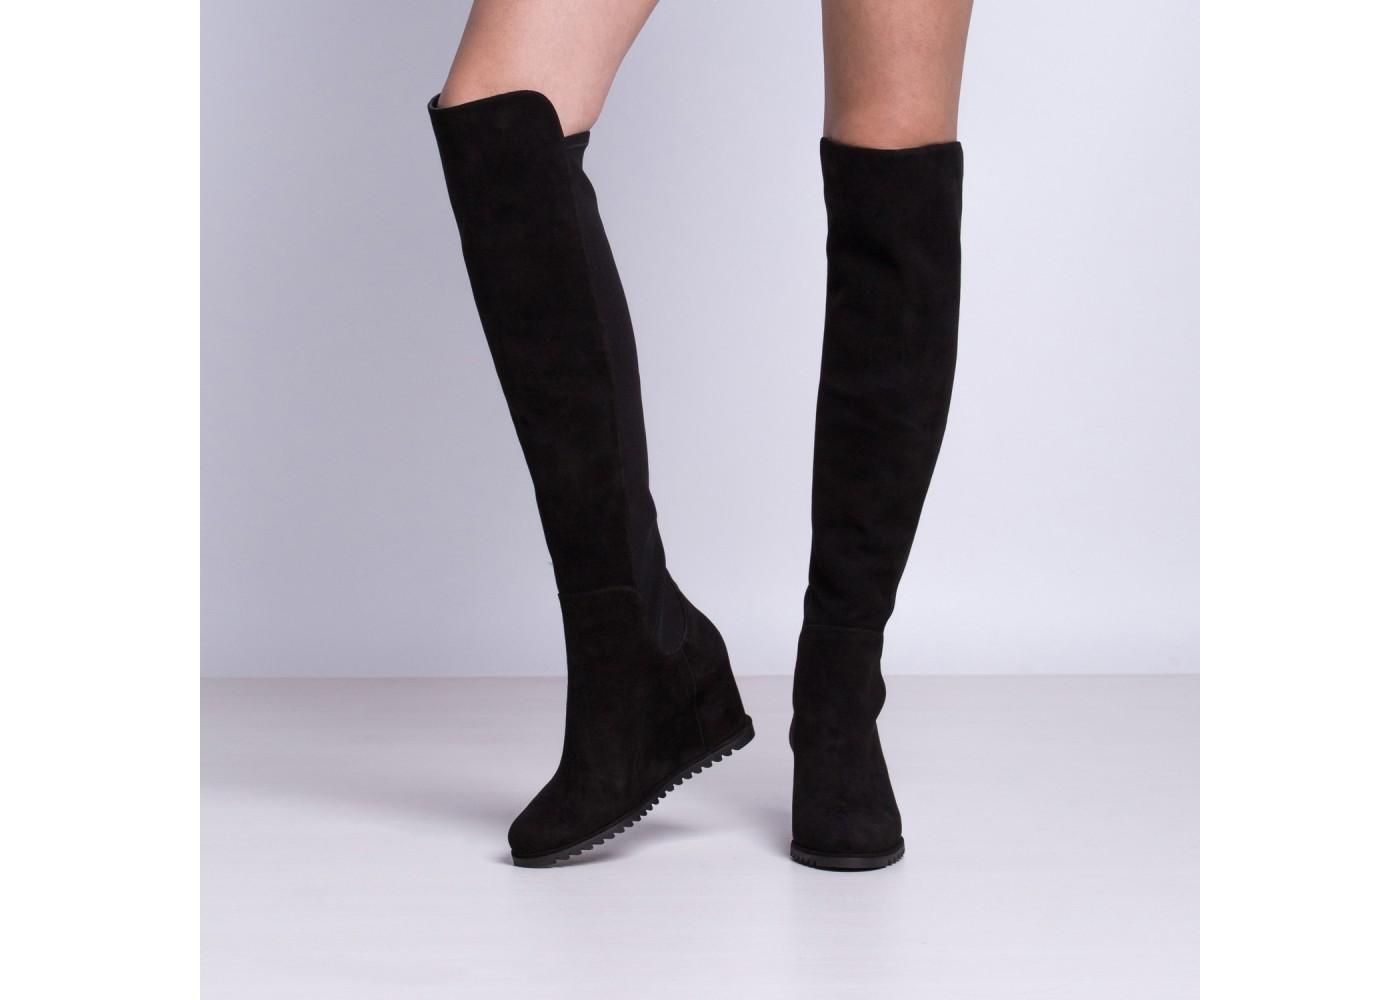 583790eb0b4c8 Co więcej, żadna kobieta nie poprzestaje tylko na jednej parze. Świadomy  wybór markowego obuwia dowodzi, że kozaki to obuwie dla pewnych siebie, ...